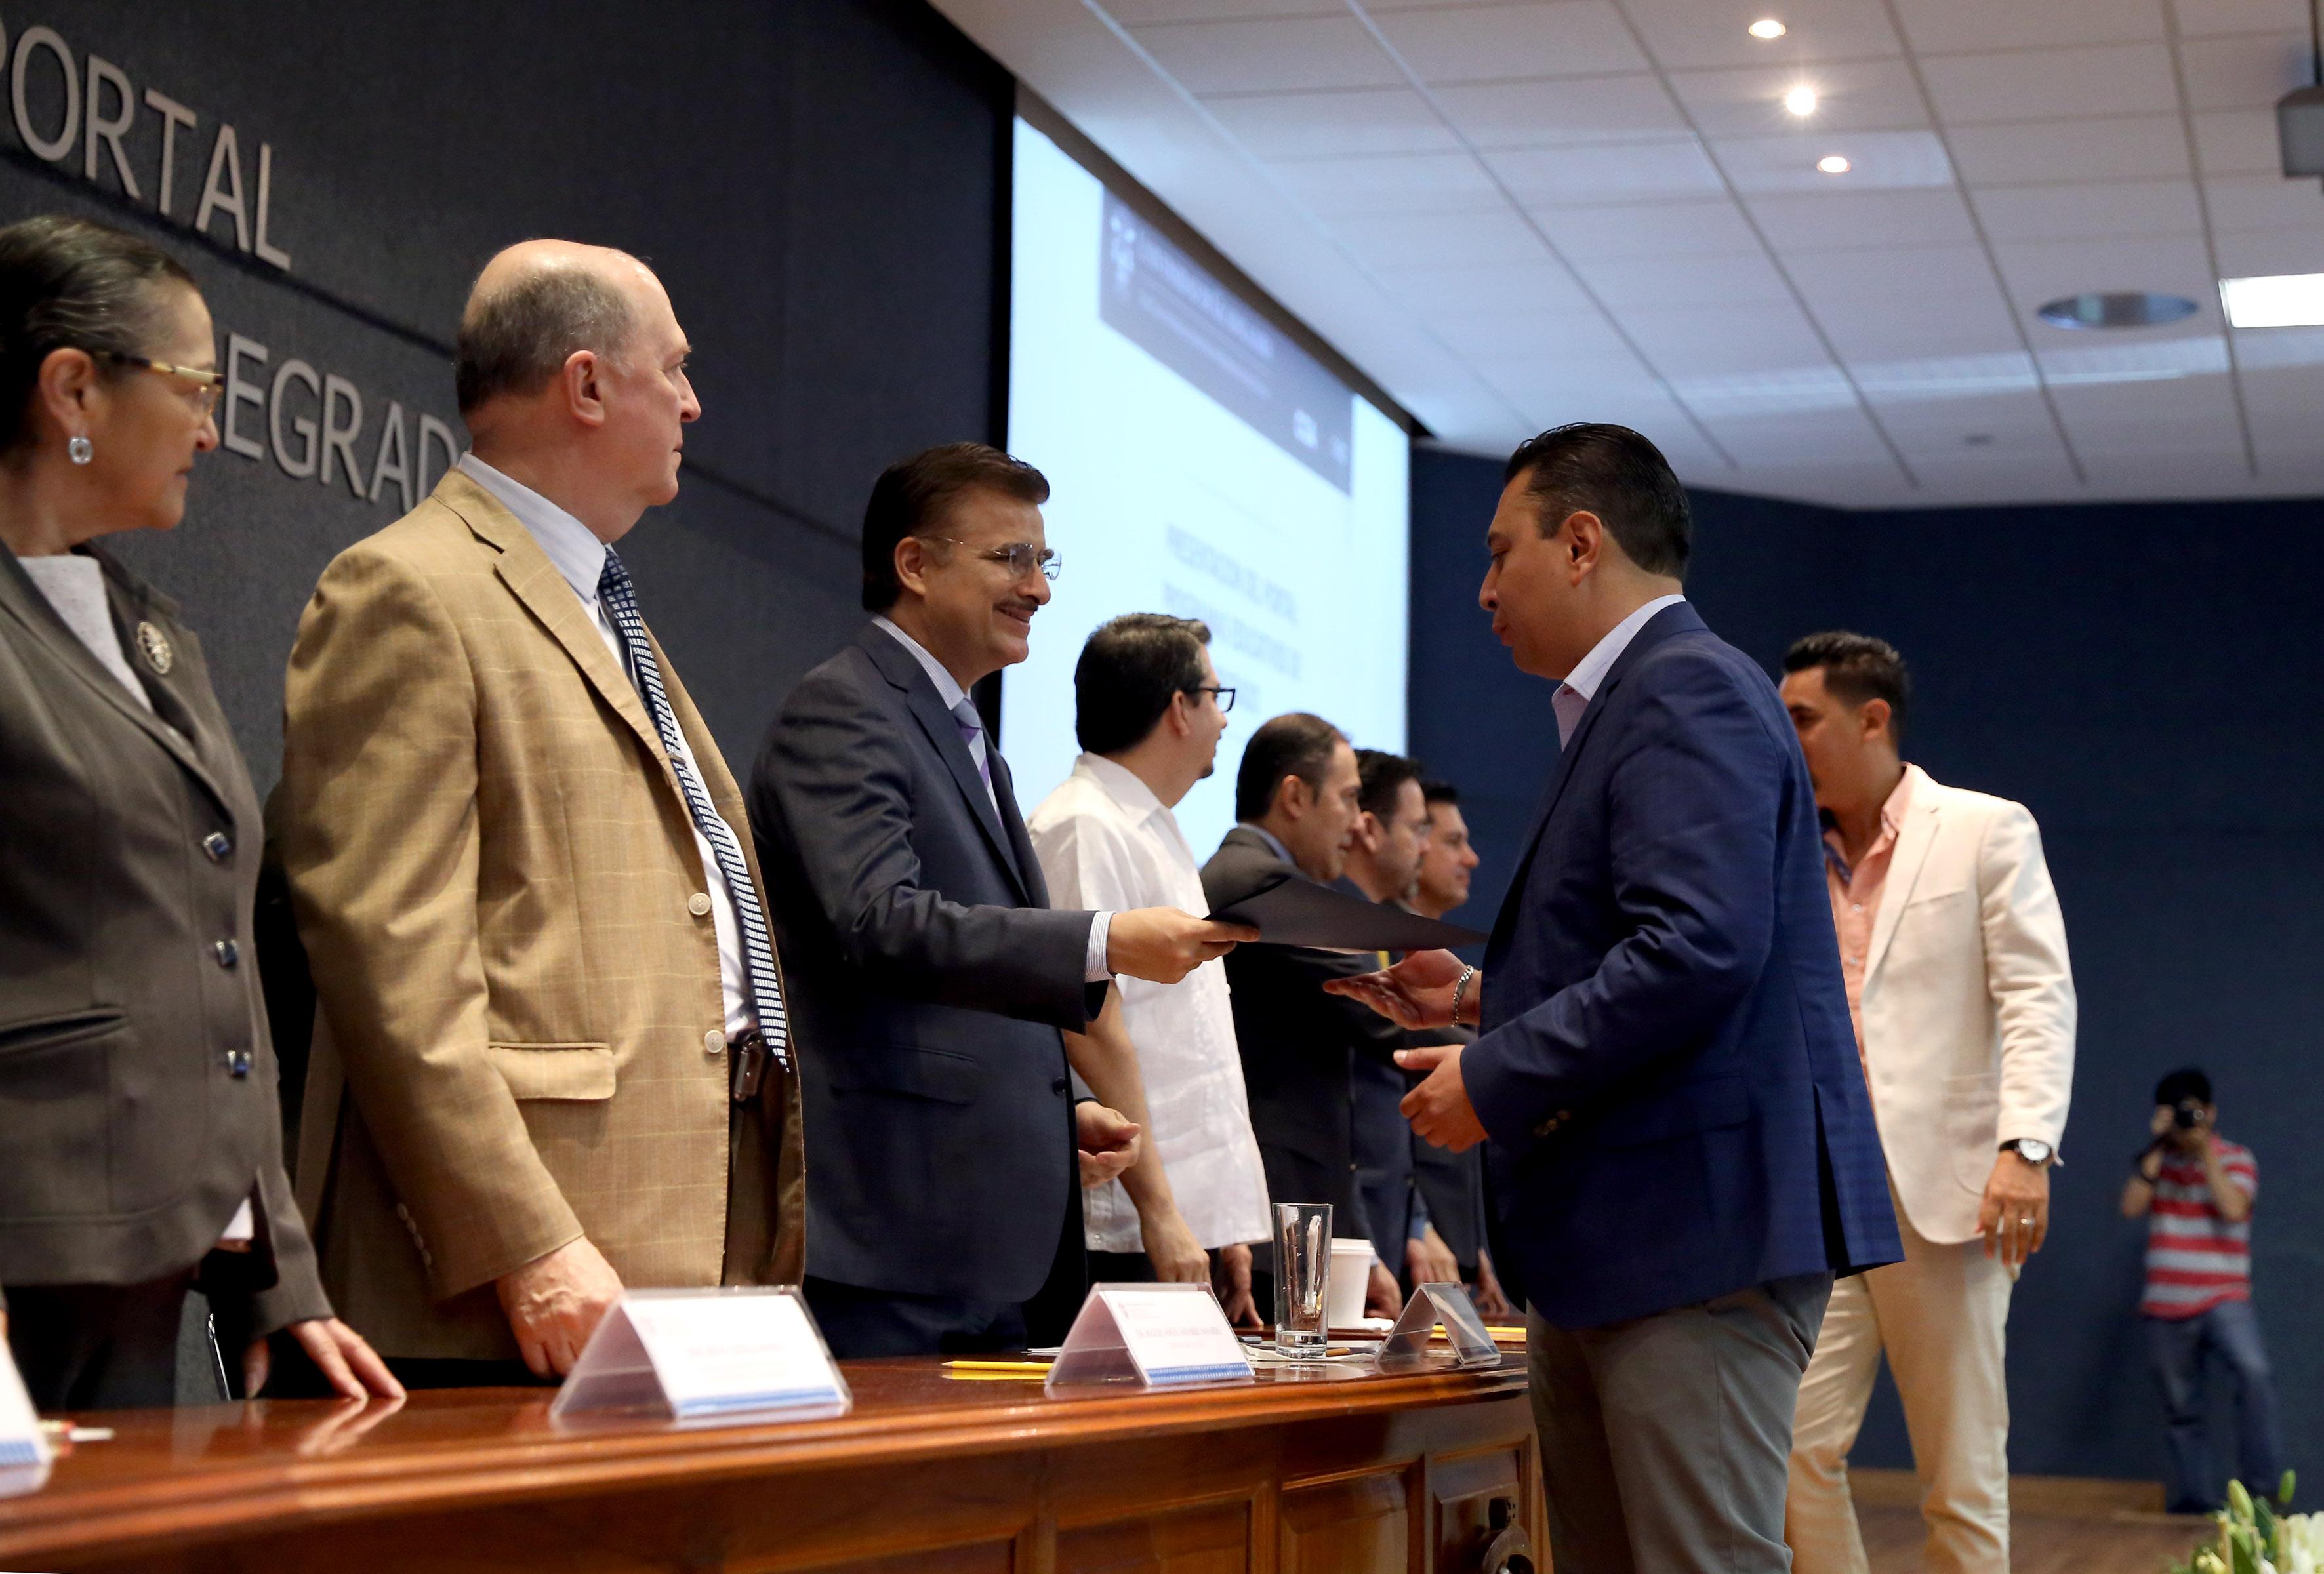 Rector General de la UdeG, maestro Itzcóatl Tonatiuh Bravo Padilla, entregando documento a académico, durante inicio del 2° diplomado en gestión educativa.